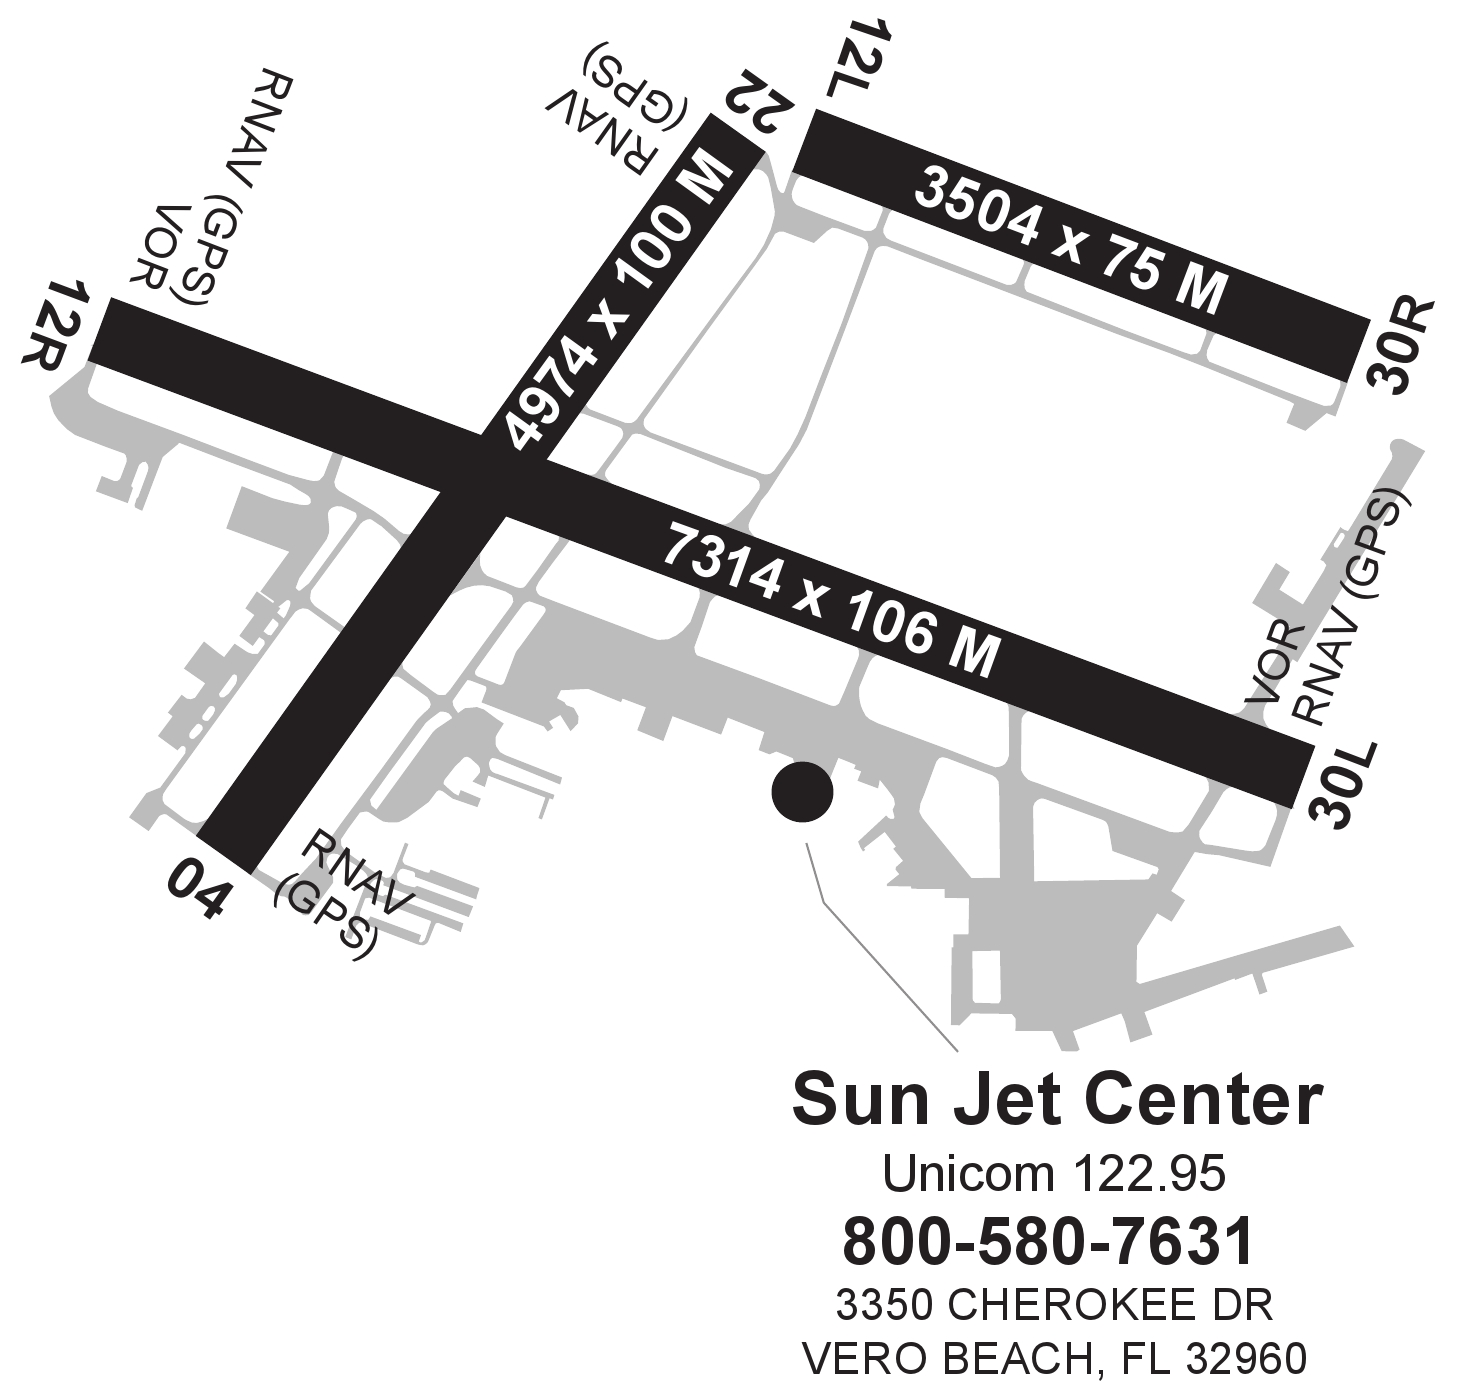 Sun Jet Center Sun Aviation Inc